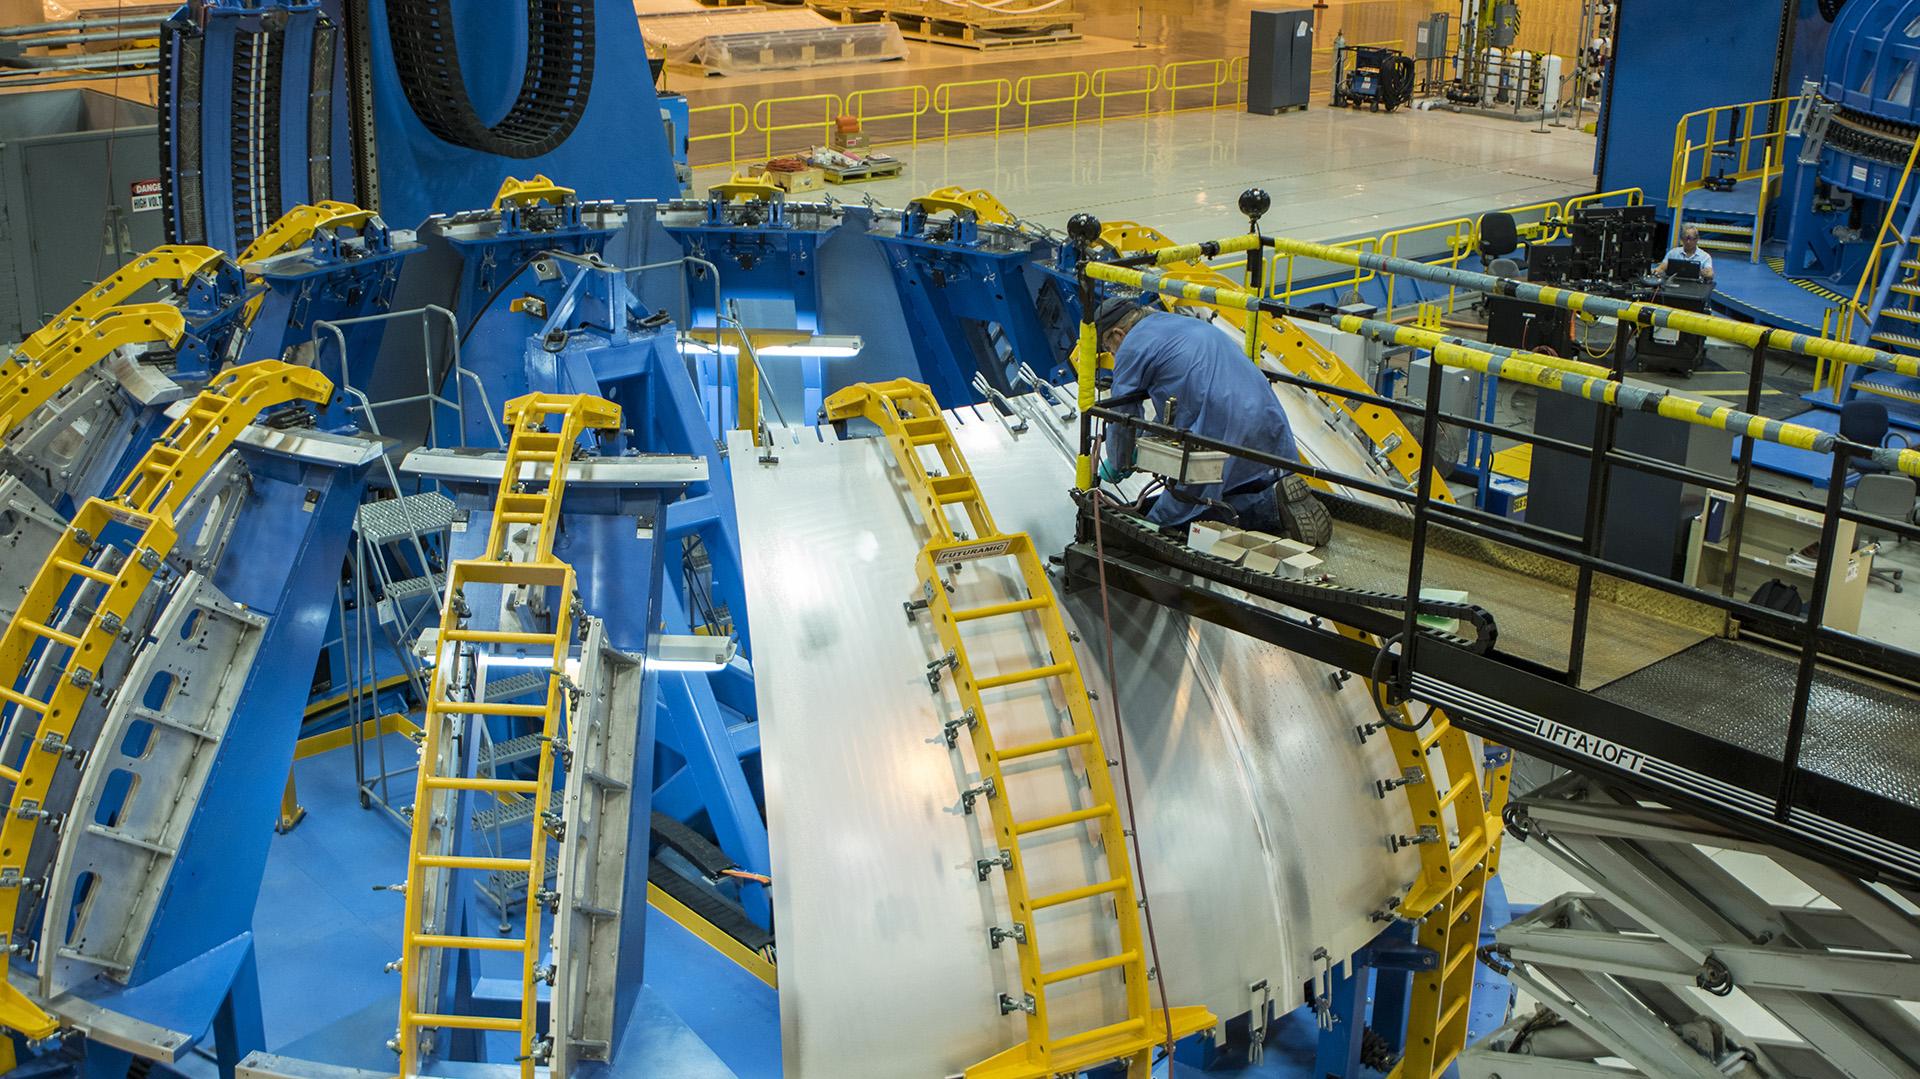 La NASA tiene planificado que el SLS haga su primera prueba para el año 2018. Si esta y otras pruebas salen bien, la llegada del ser humano a Marte sería cuestión de unos pocos años más